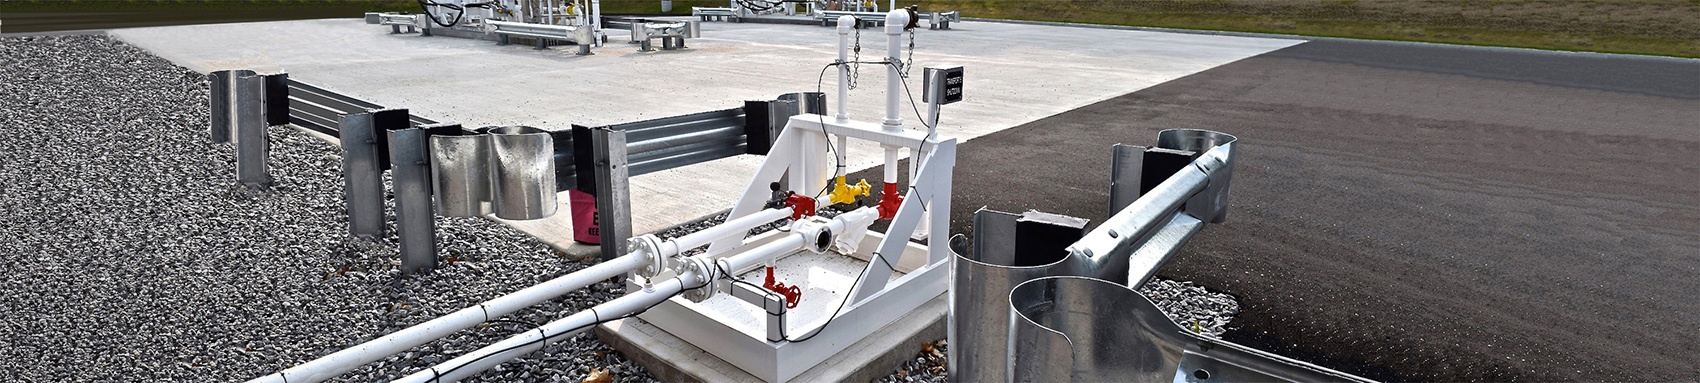 LPG, NGL Propane Bulkheads, Loading Skids | TransTech Energy